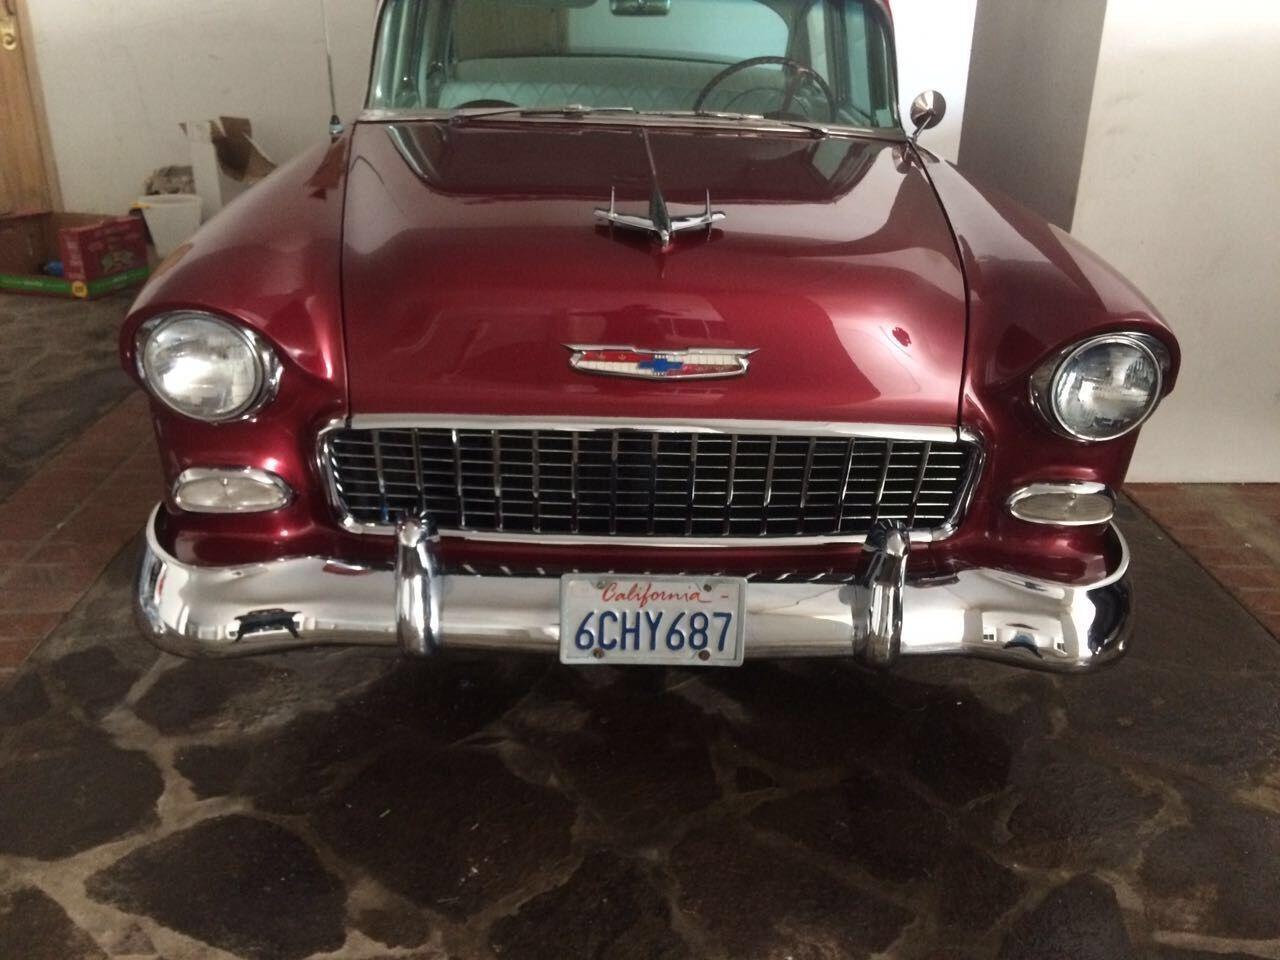 All Chevy chevy 210 : Chevrolet: 210 4 DOOR SEDAN CLASSIC 1955 CHEVY 210 4 DOOR SEDAN ...